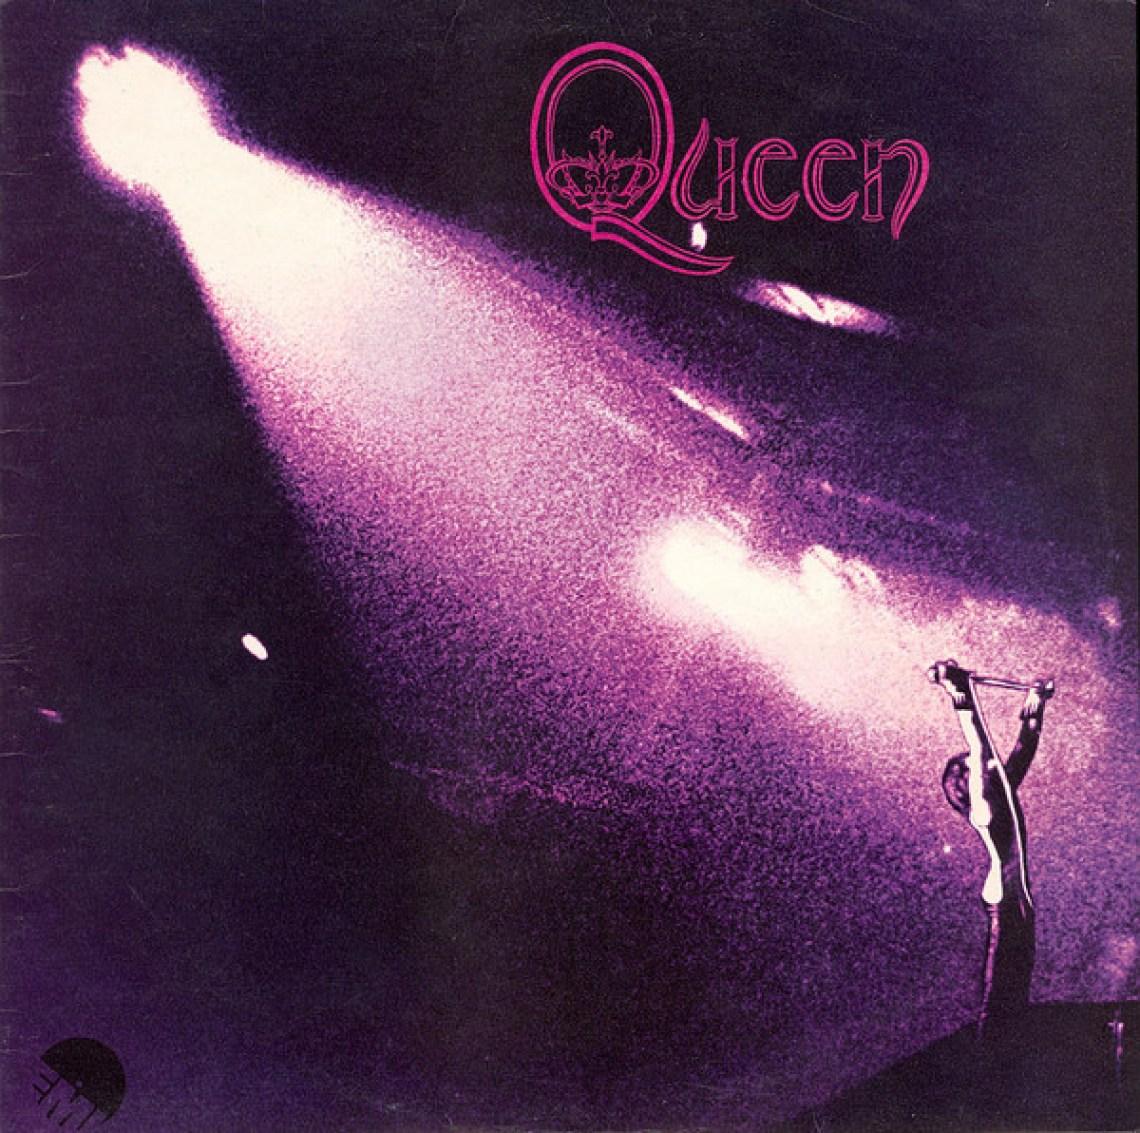 Queen - Queen (1973) album cover